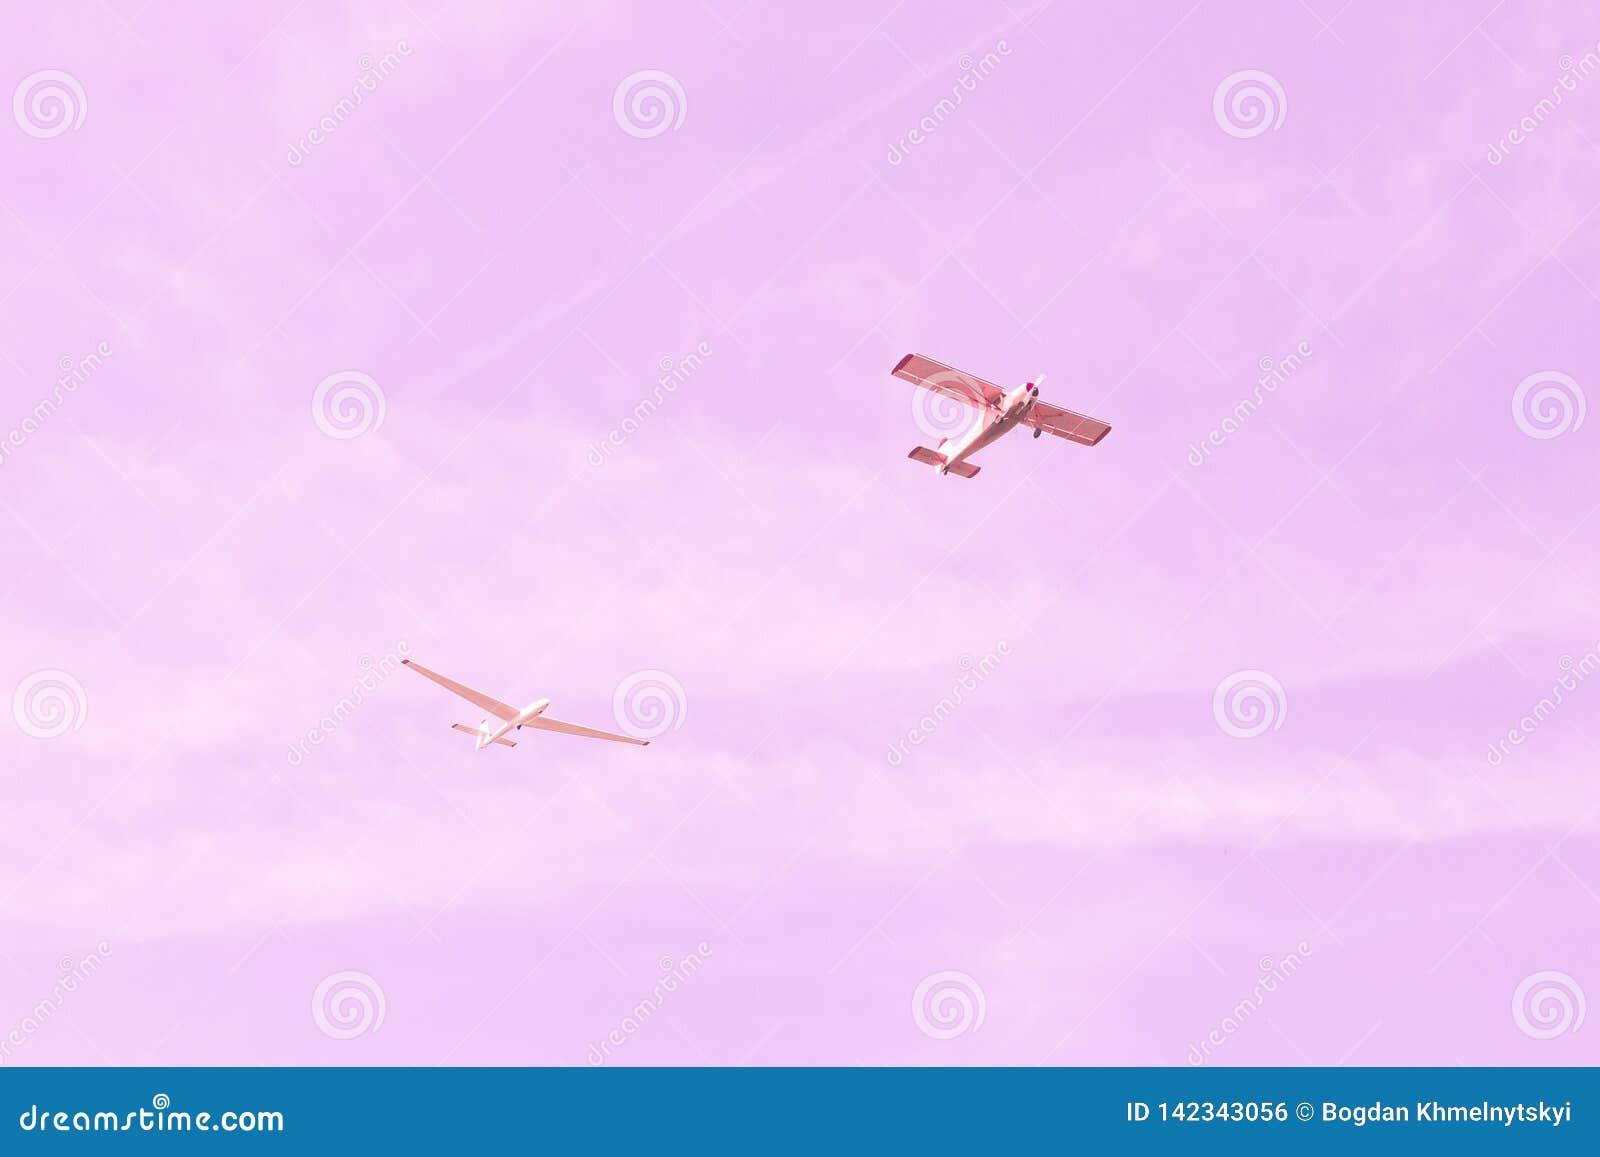 Klein single-engine oud uitstekend vliegtuig en zweefvliegtuig die tegen de roze hemel, concept vliegen groepswerk, droom, gelukk